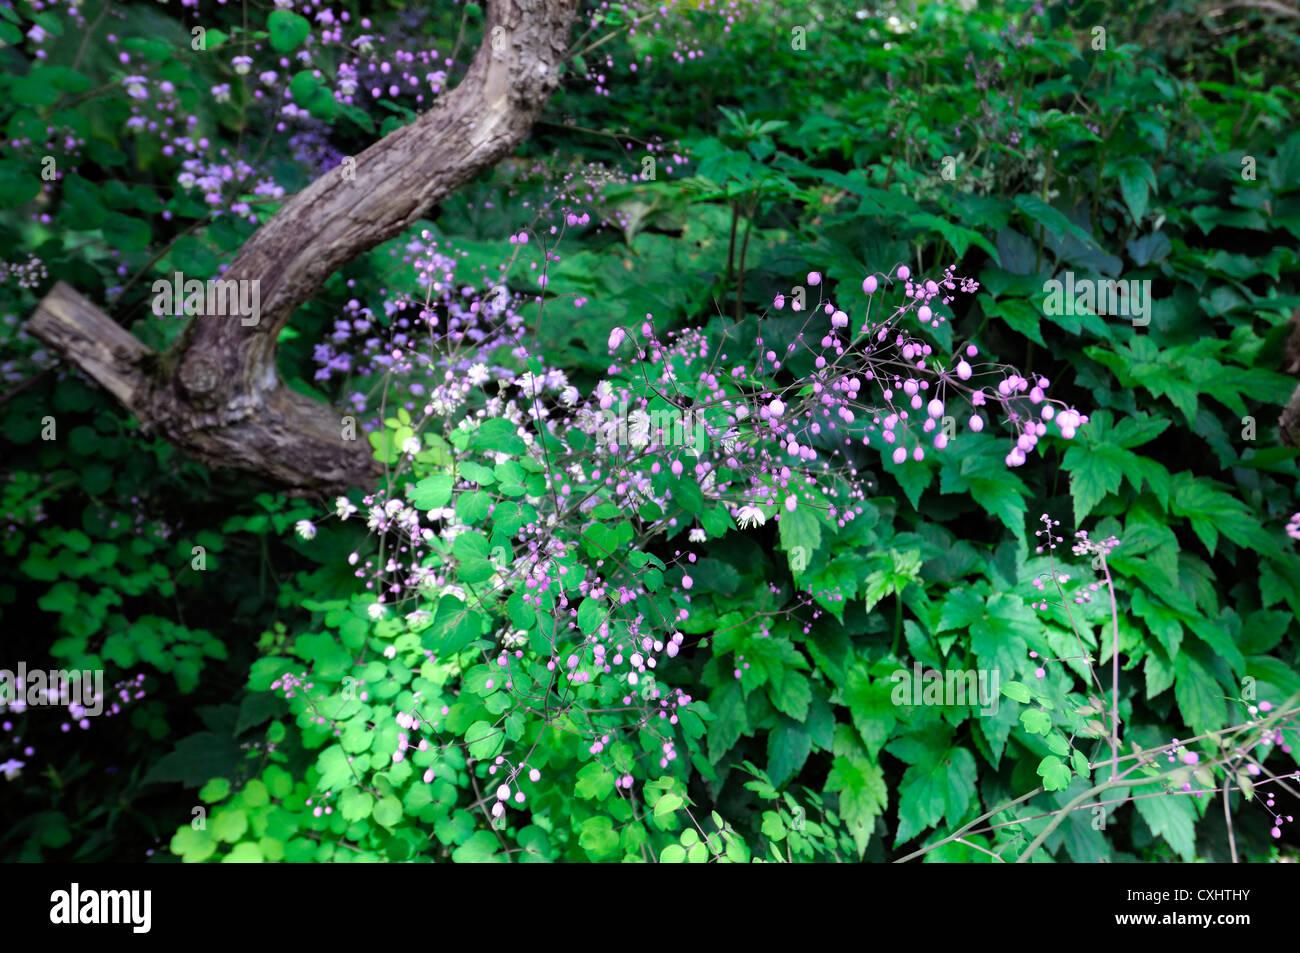 Thalictrum delavayi purple perennials flowers shade shaded woodland wood setting shady plant - Stock Image